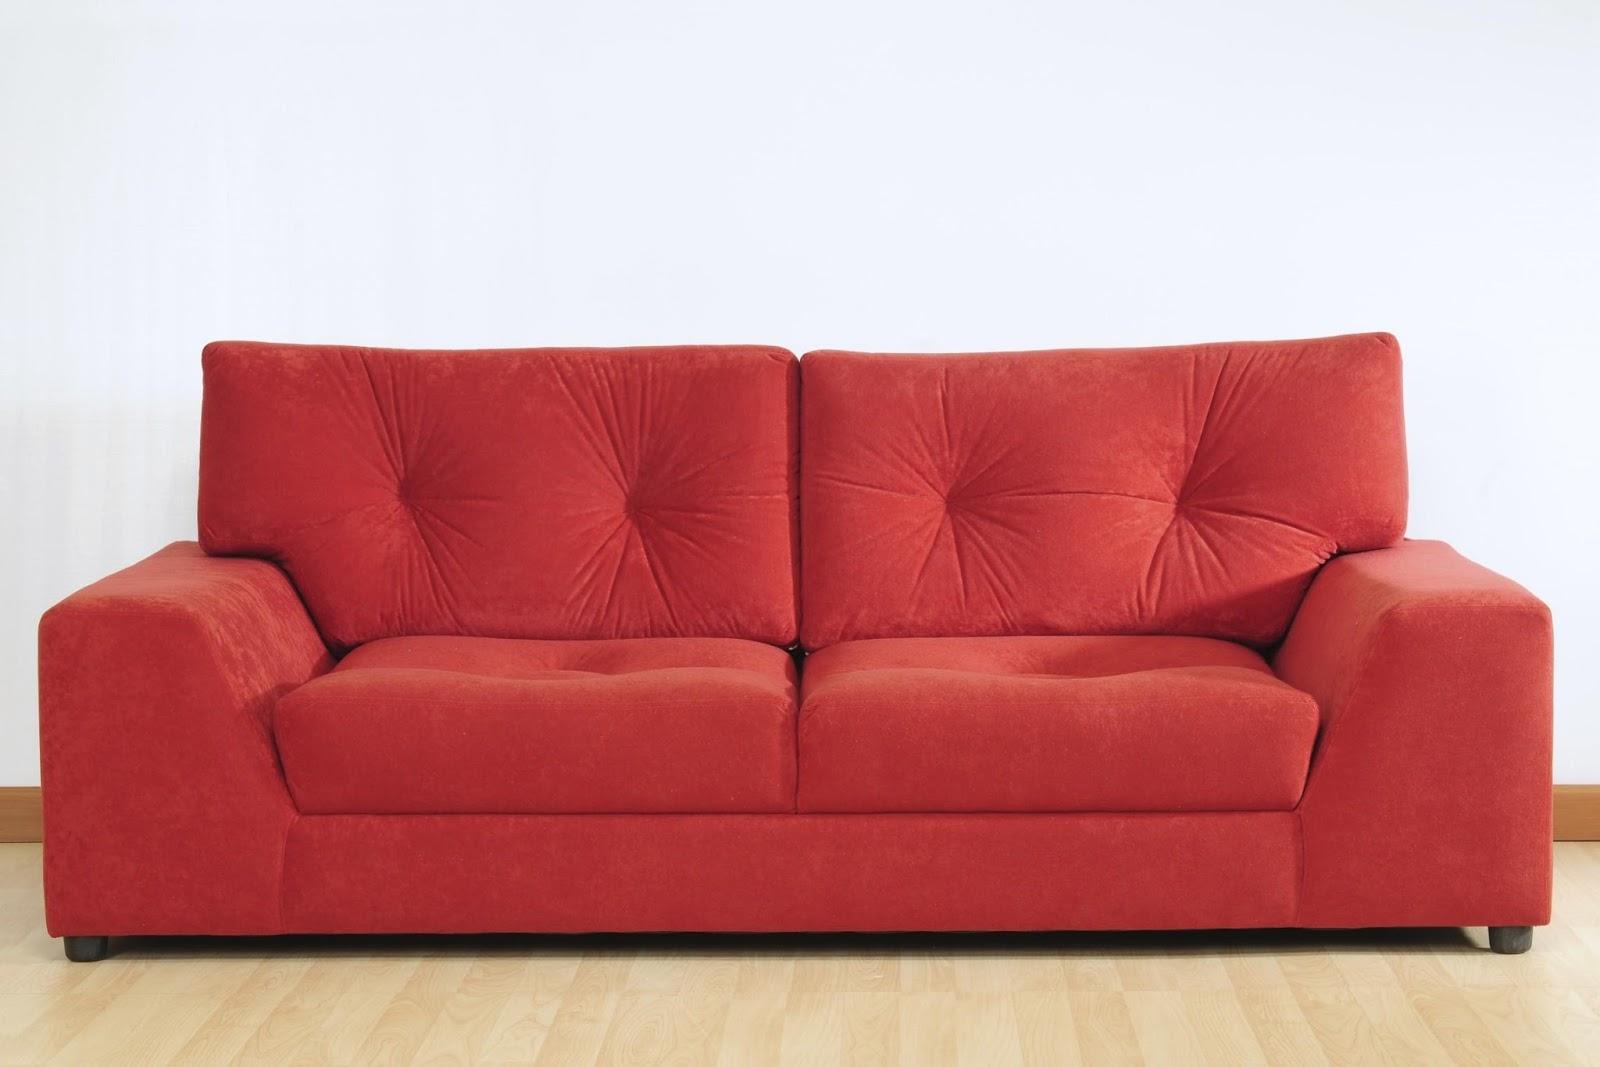 Traslochi e trasporti scatole da spedire - Comprare un divano ...